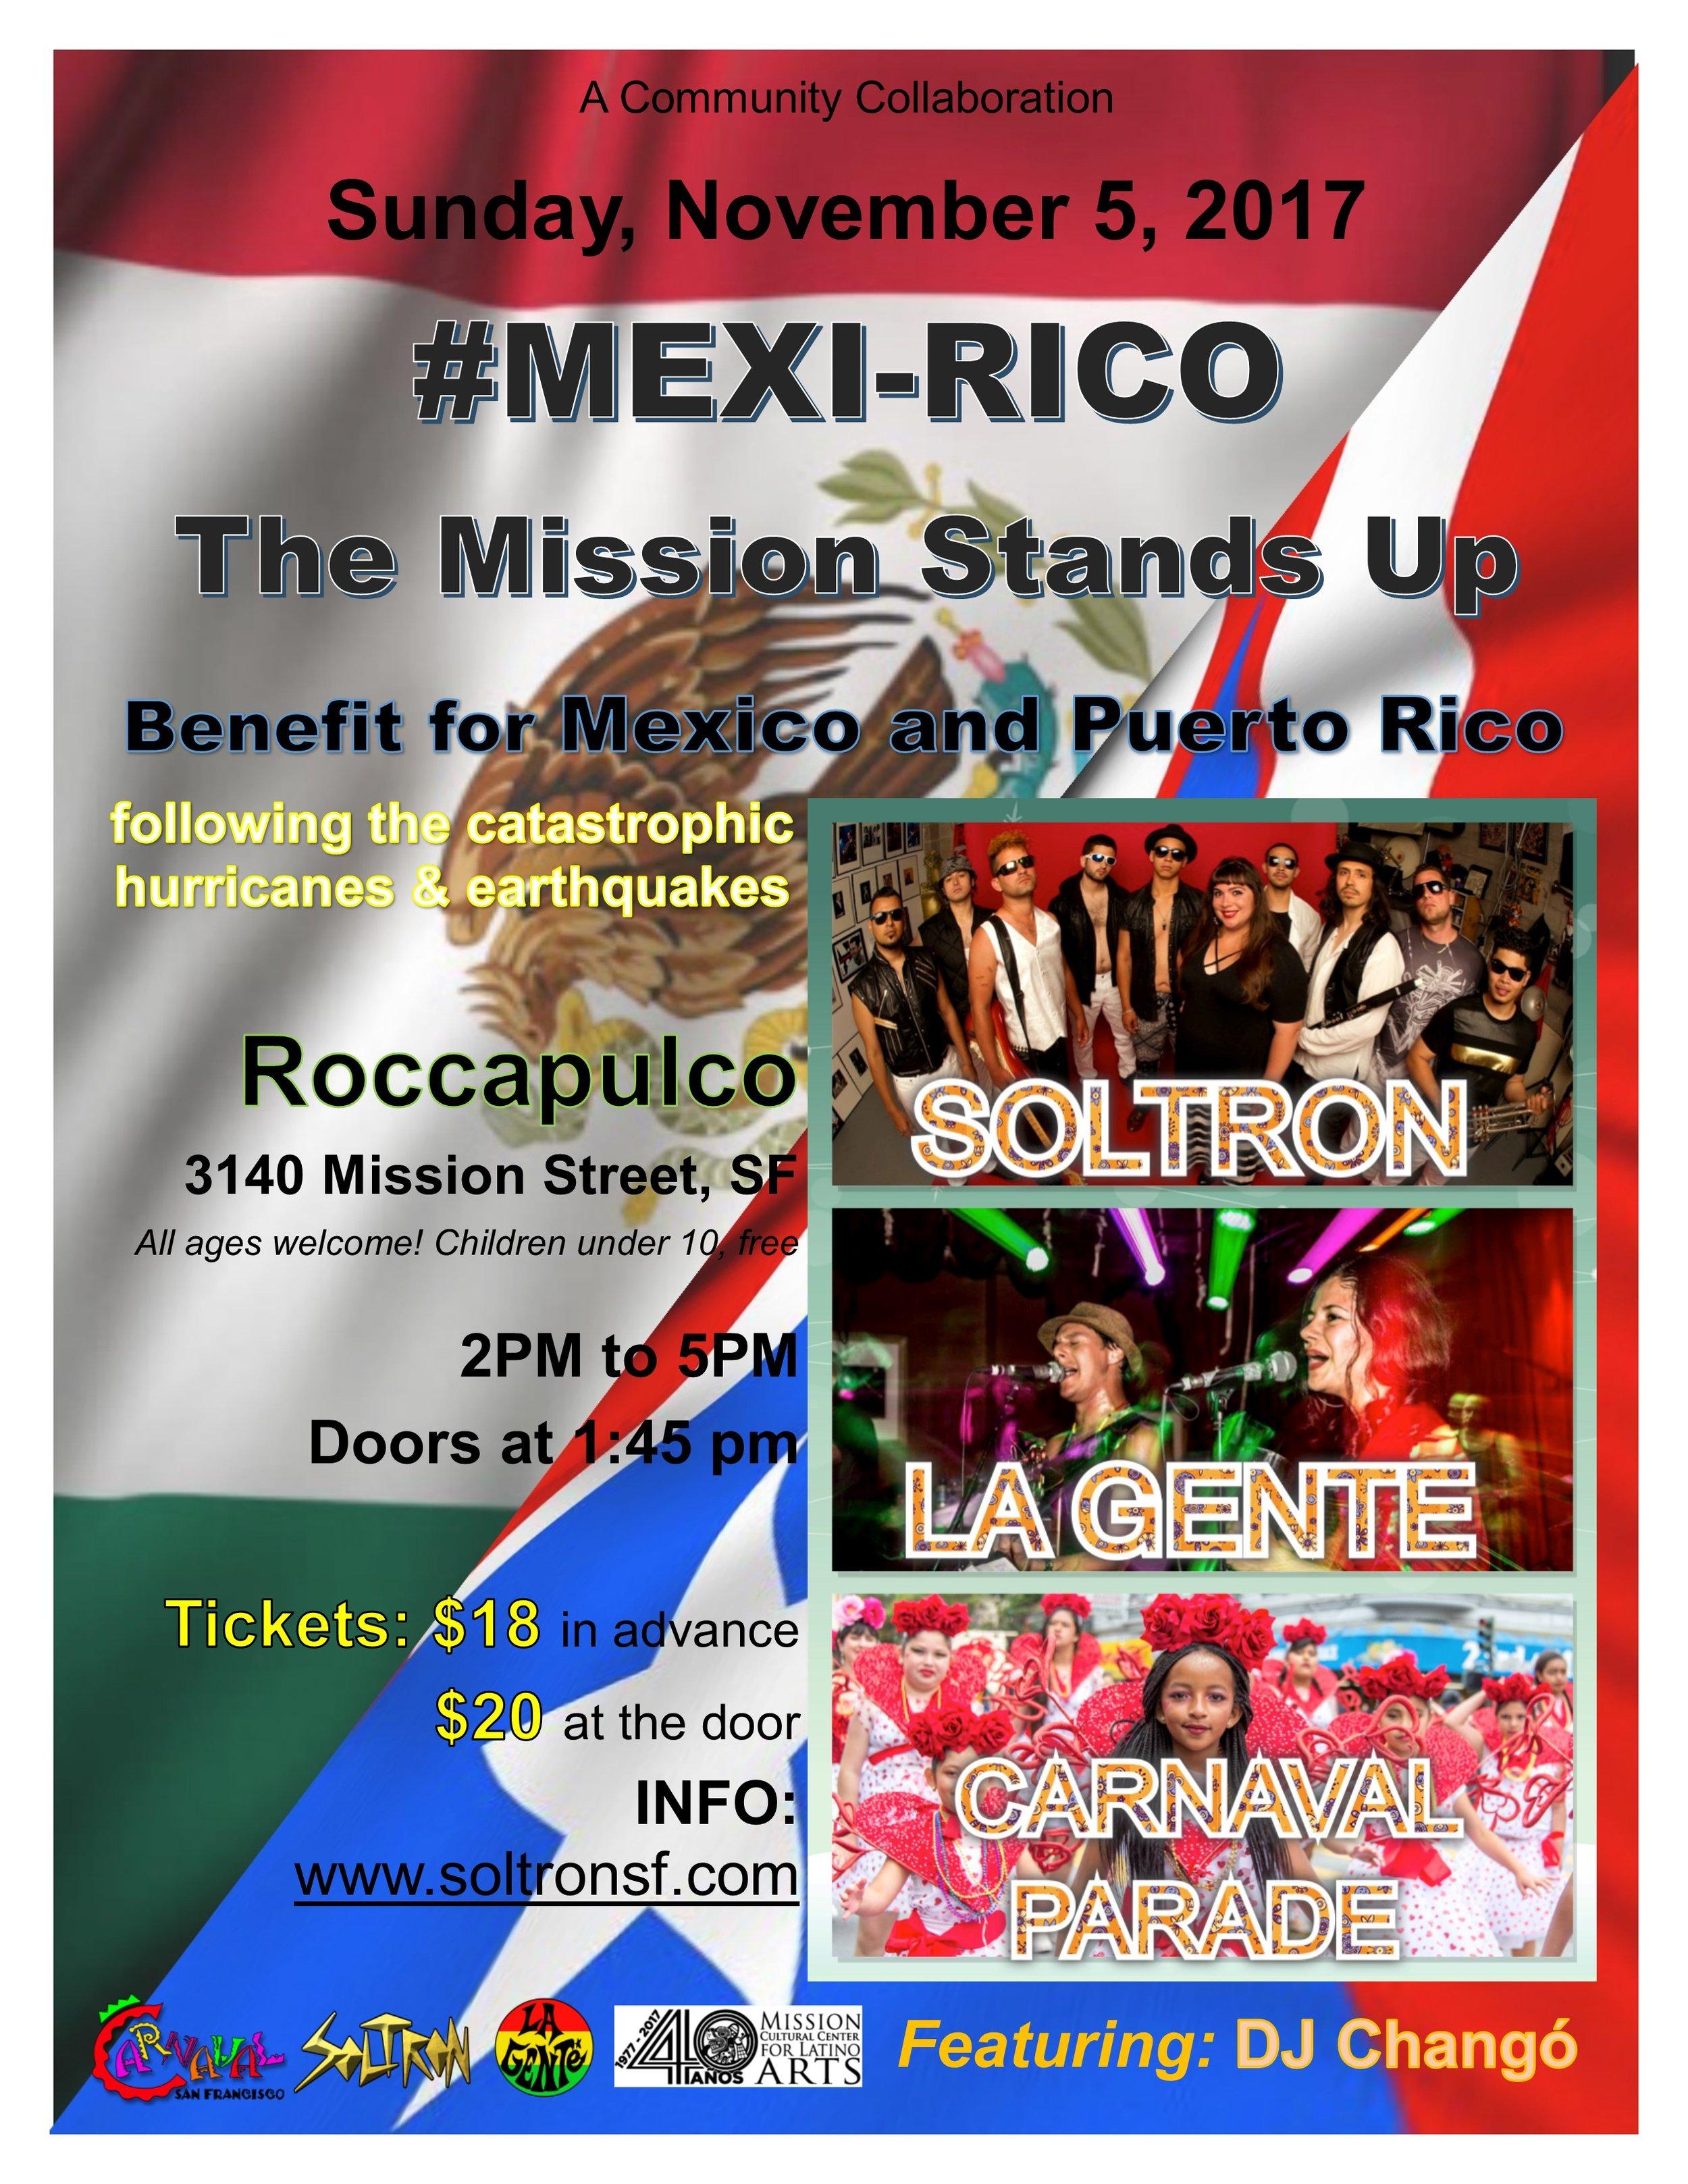 Mexi-Rico_03c.jpg